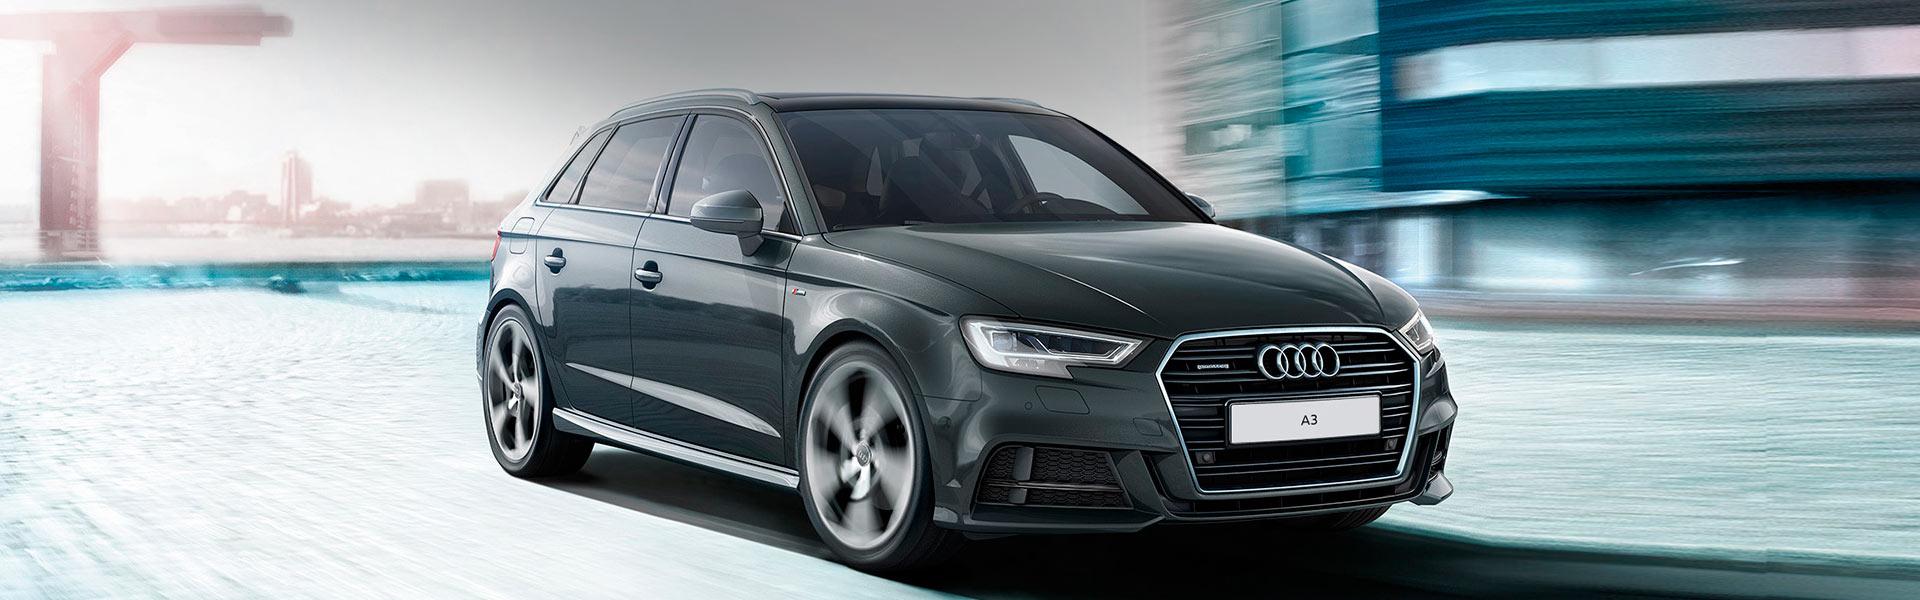 ШРУС на Audi A3